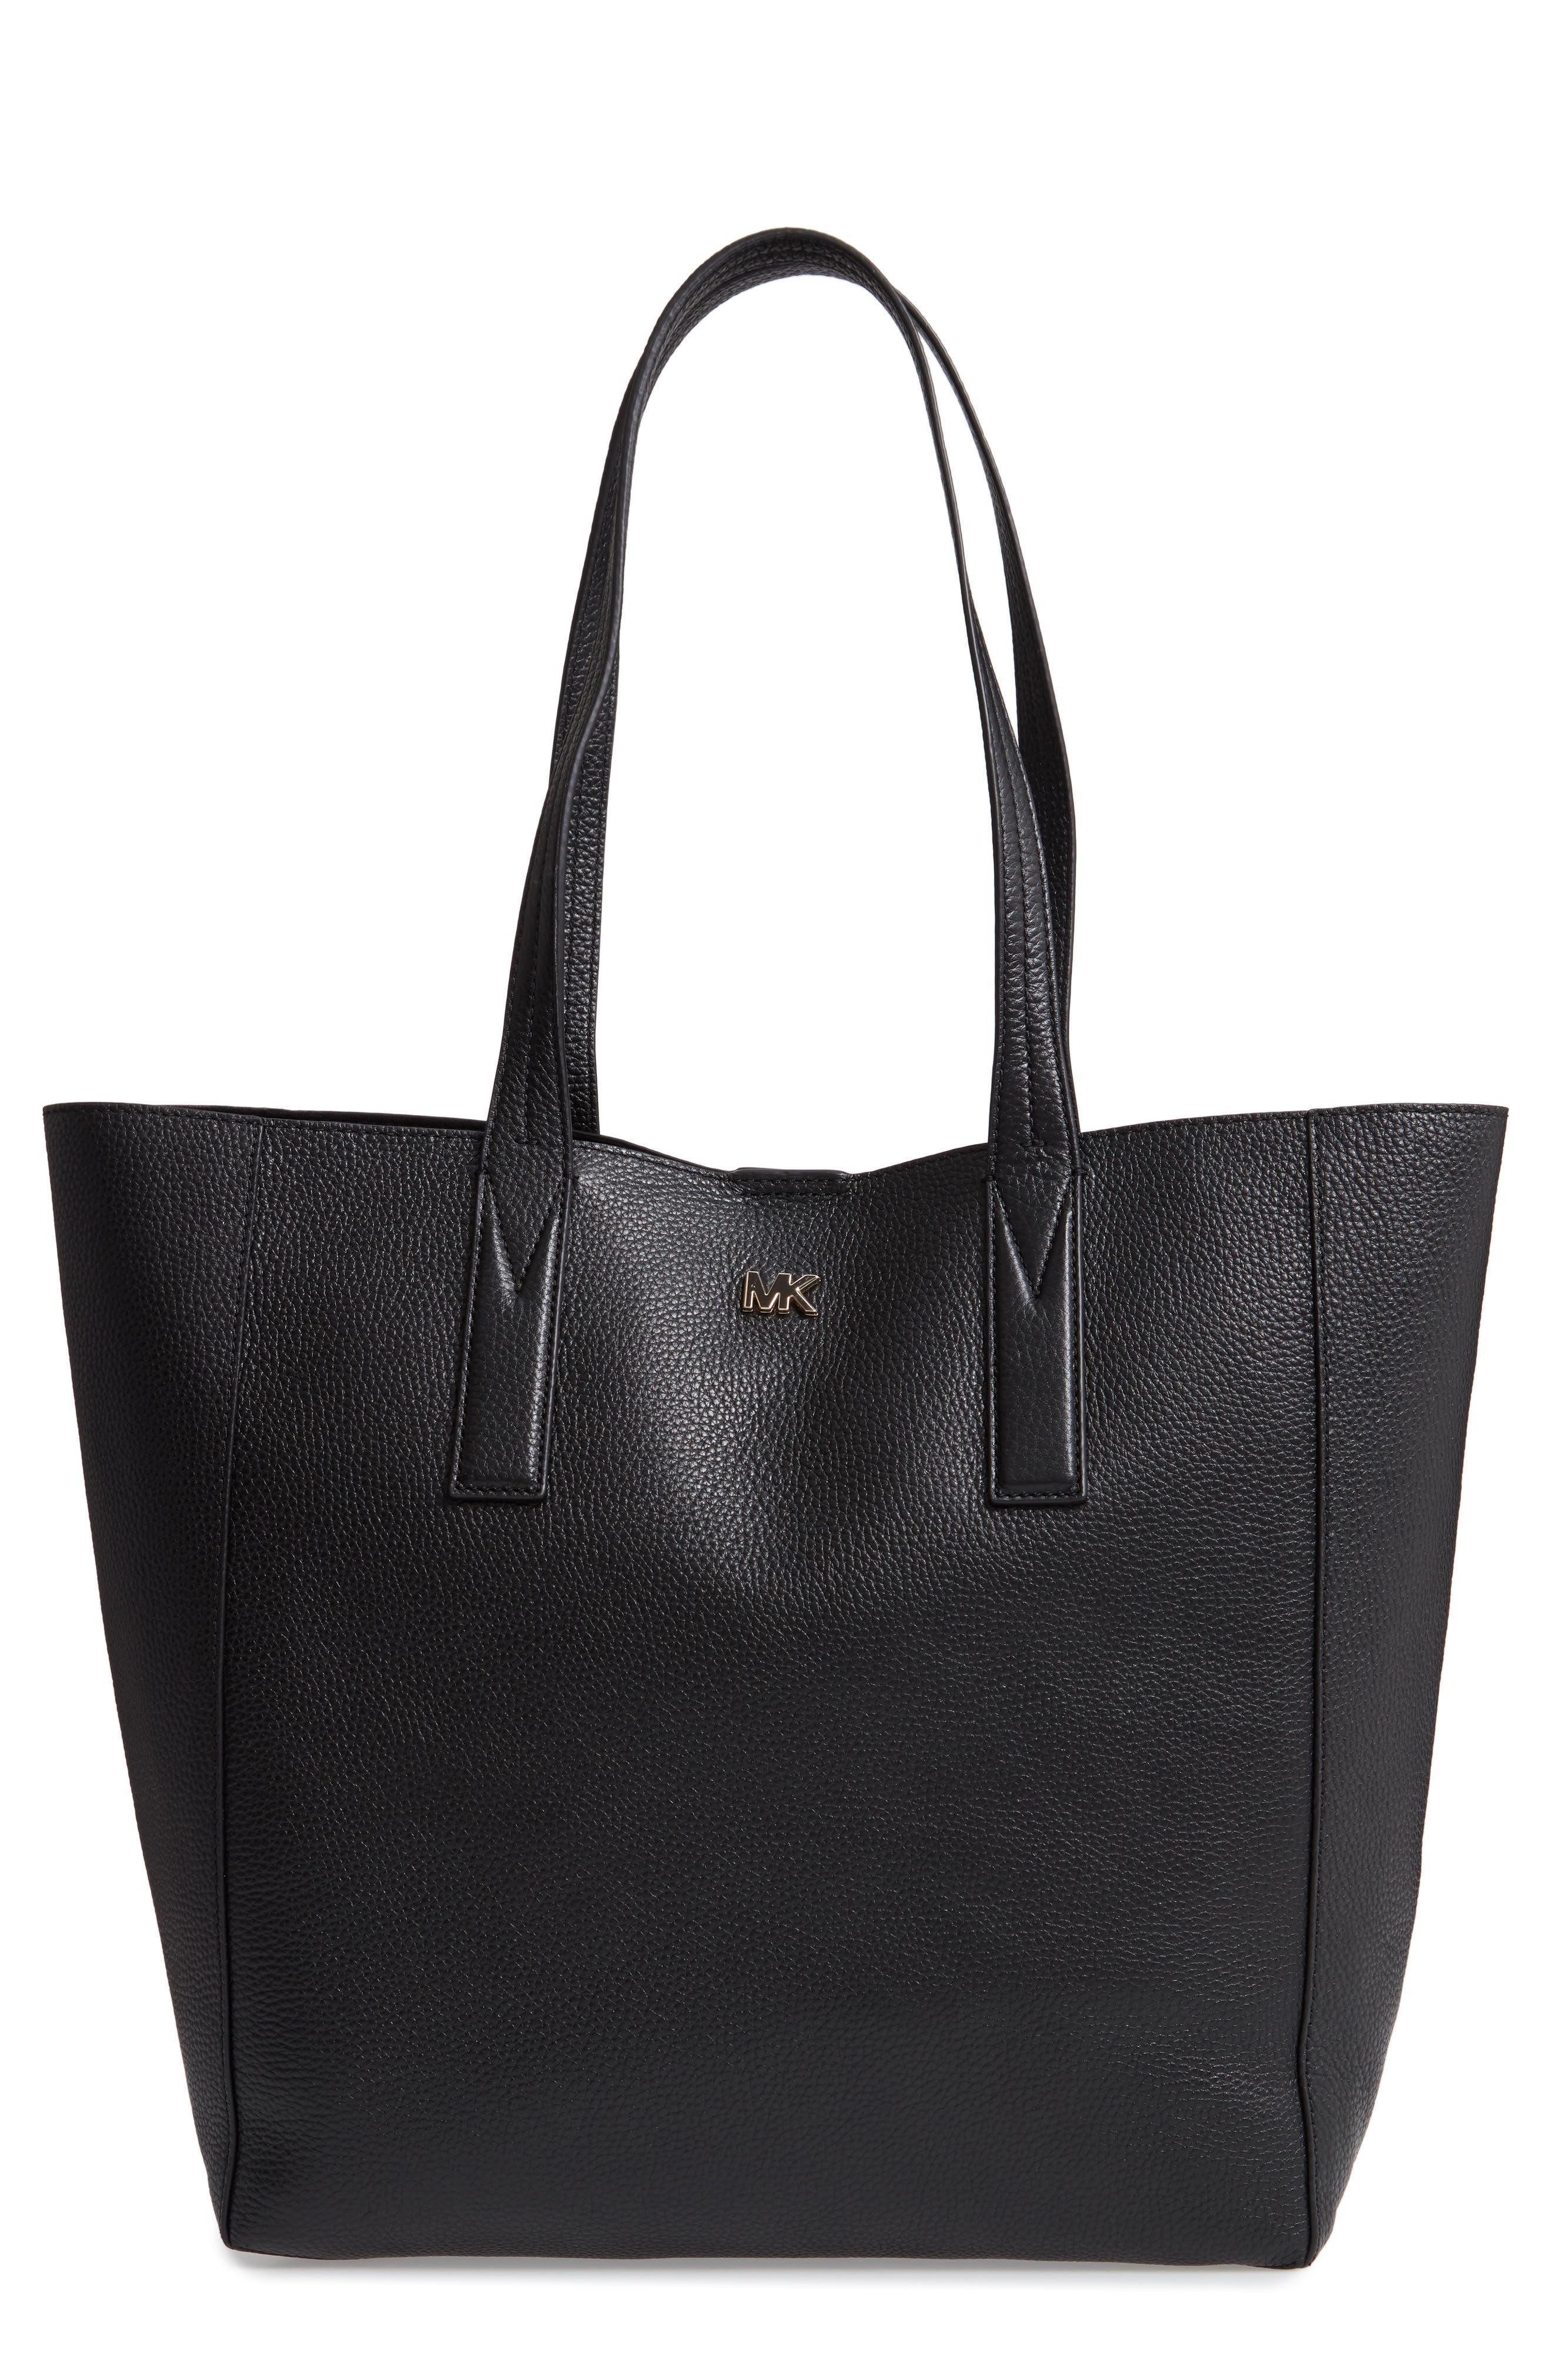 michael kors handbags  1ce1457d9d750